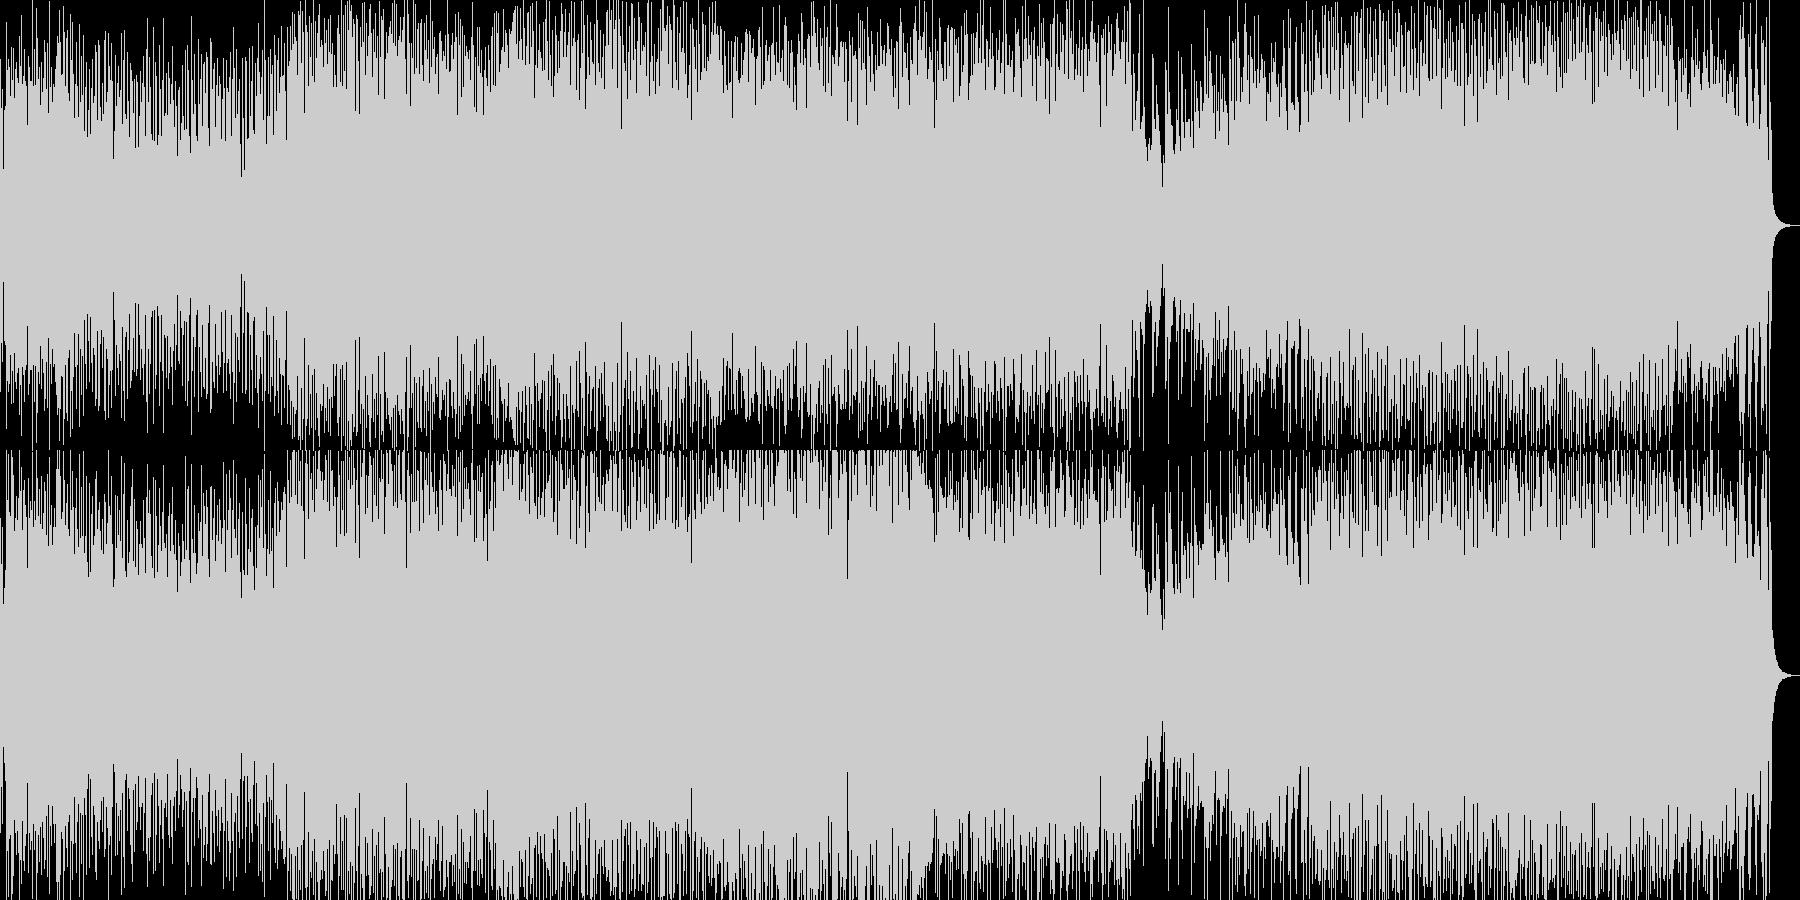 フルートといっぱいの打楽器・サンバ調の未再生の波形